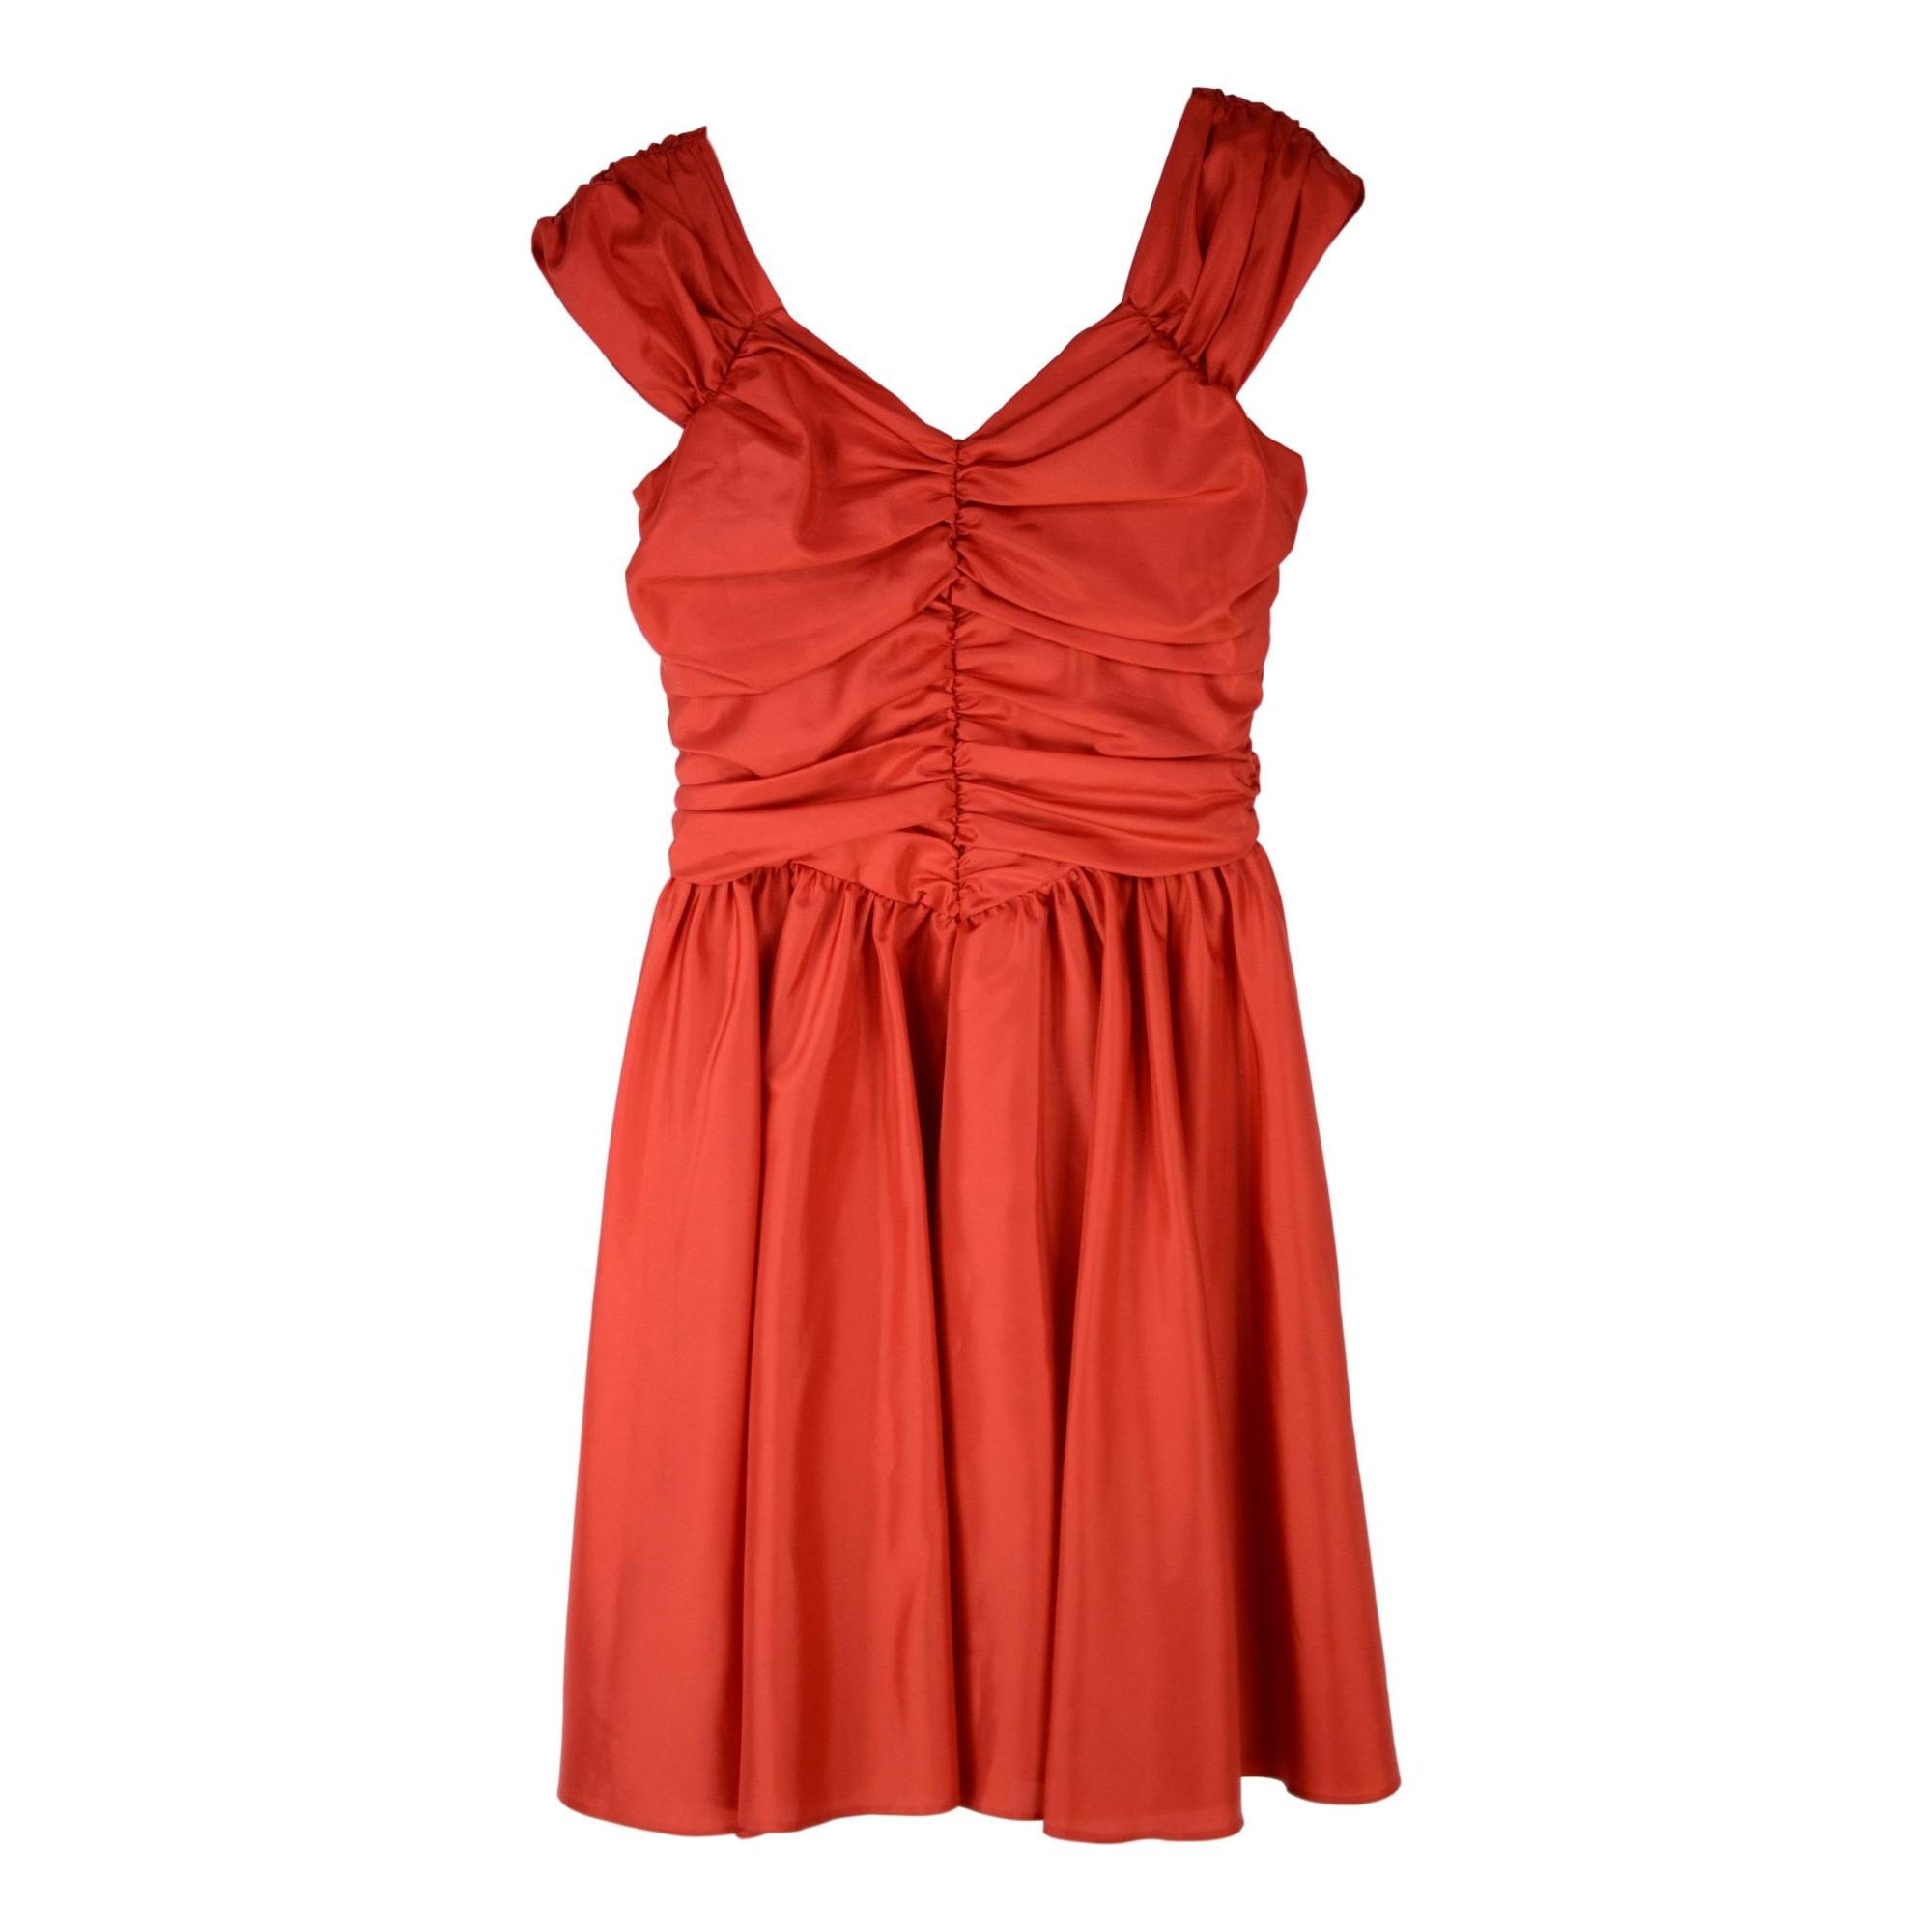 Robe mi-longue VERA MONT Rouge, bordeaux